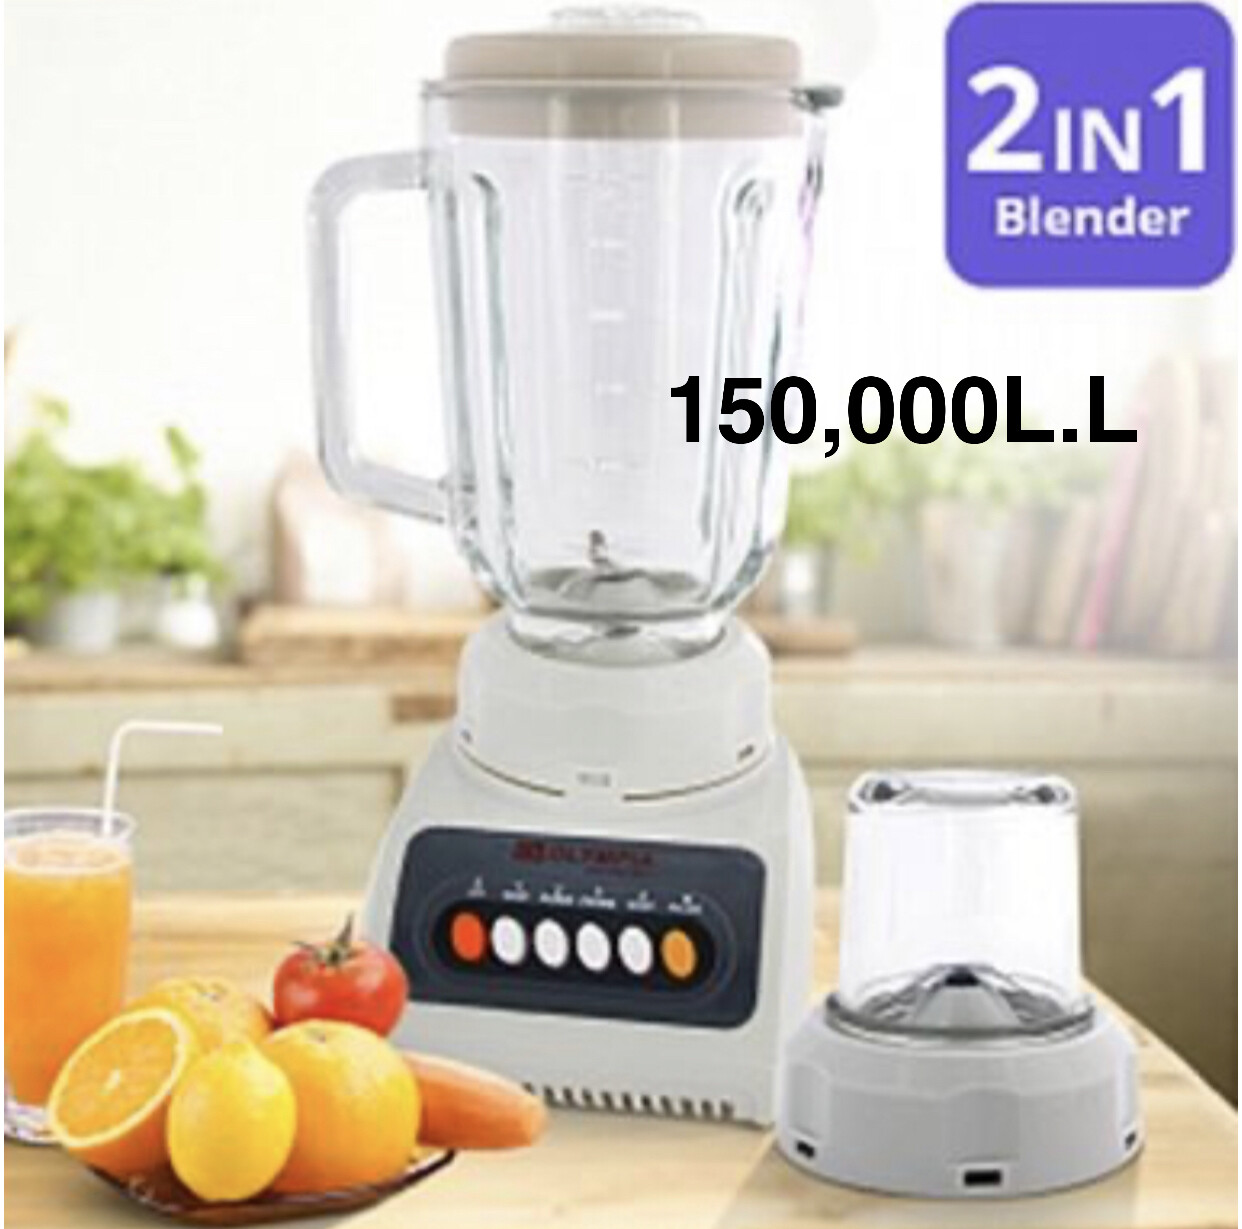 2in1 Blender